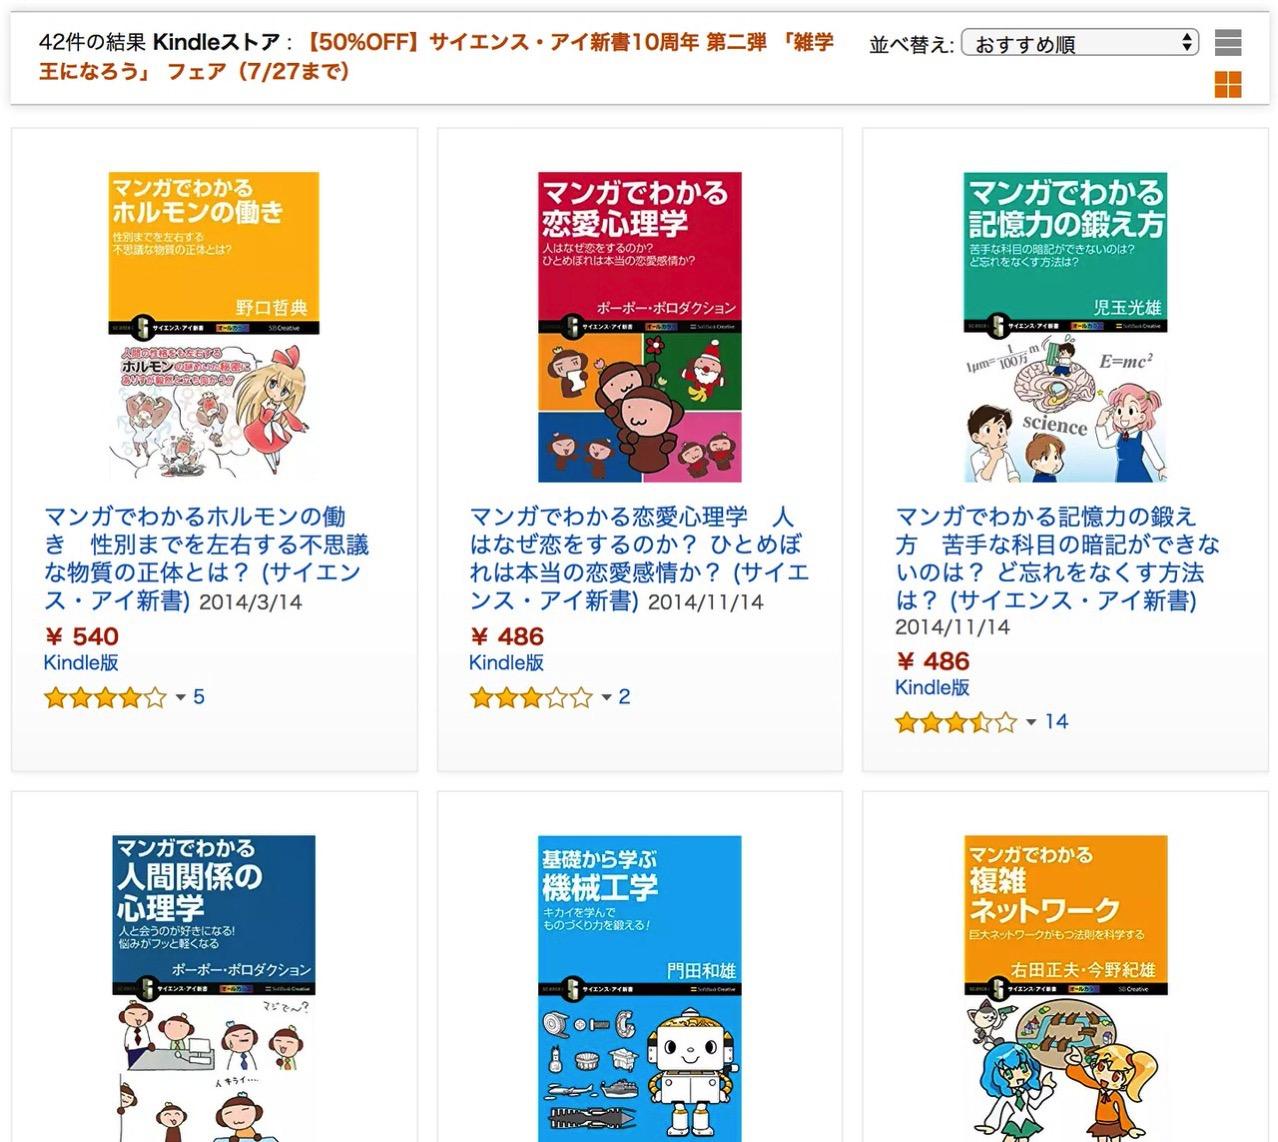 Kindle【50%OFF】サイエンス・アイ新書10周年「雑学王になろう」フェア(〜7/27)